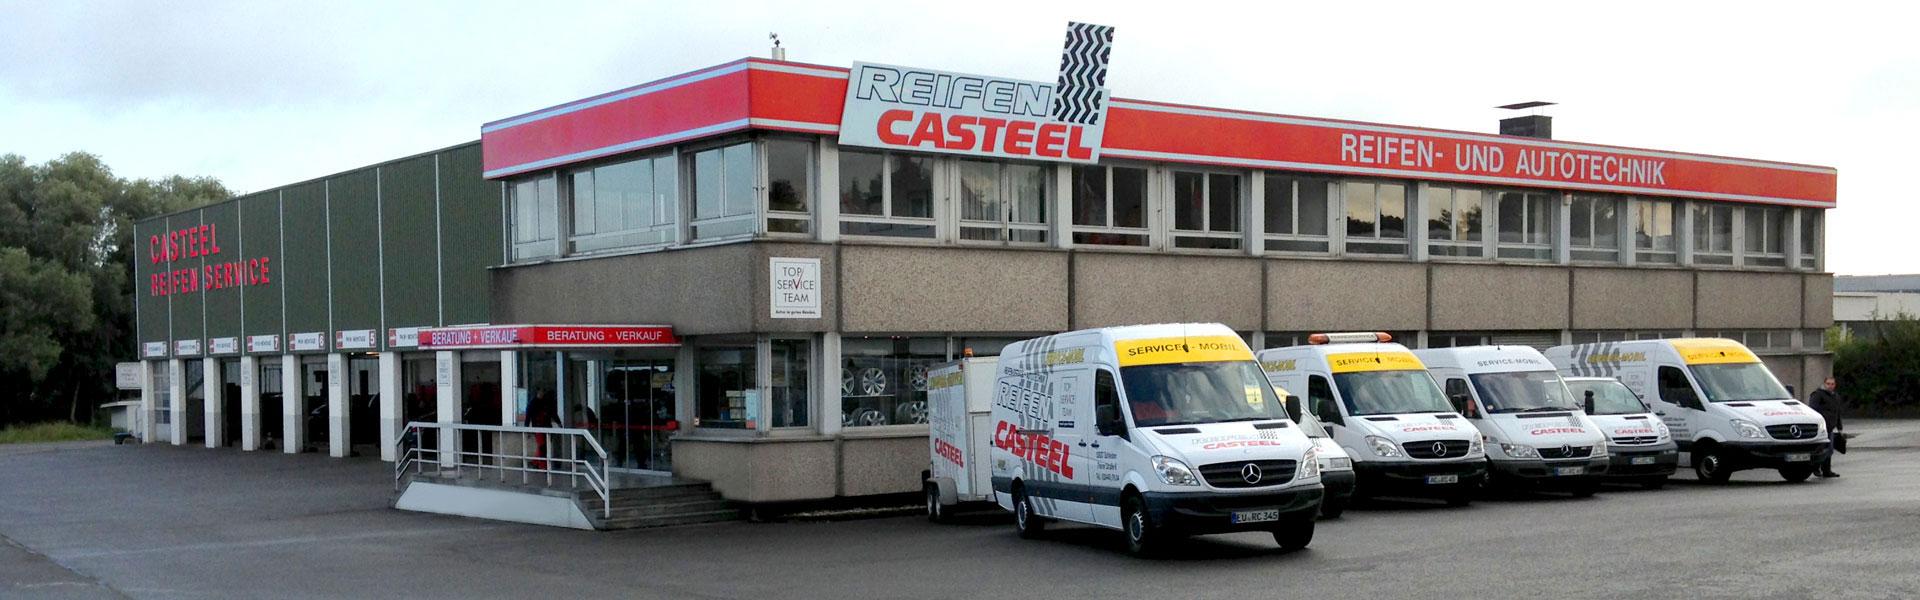 ReifenCasteel-Seitenimage-Aachen-RET